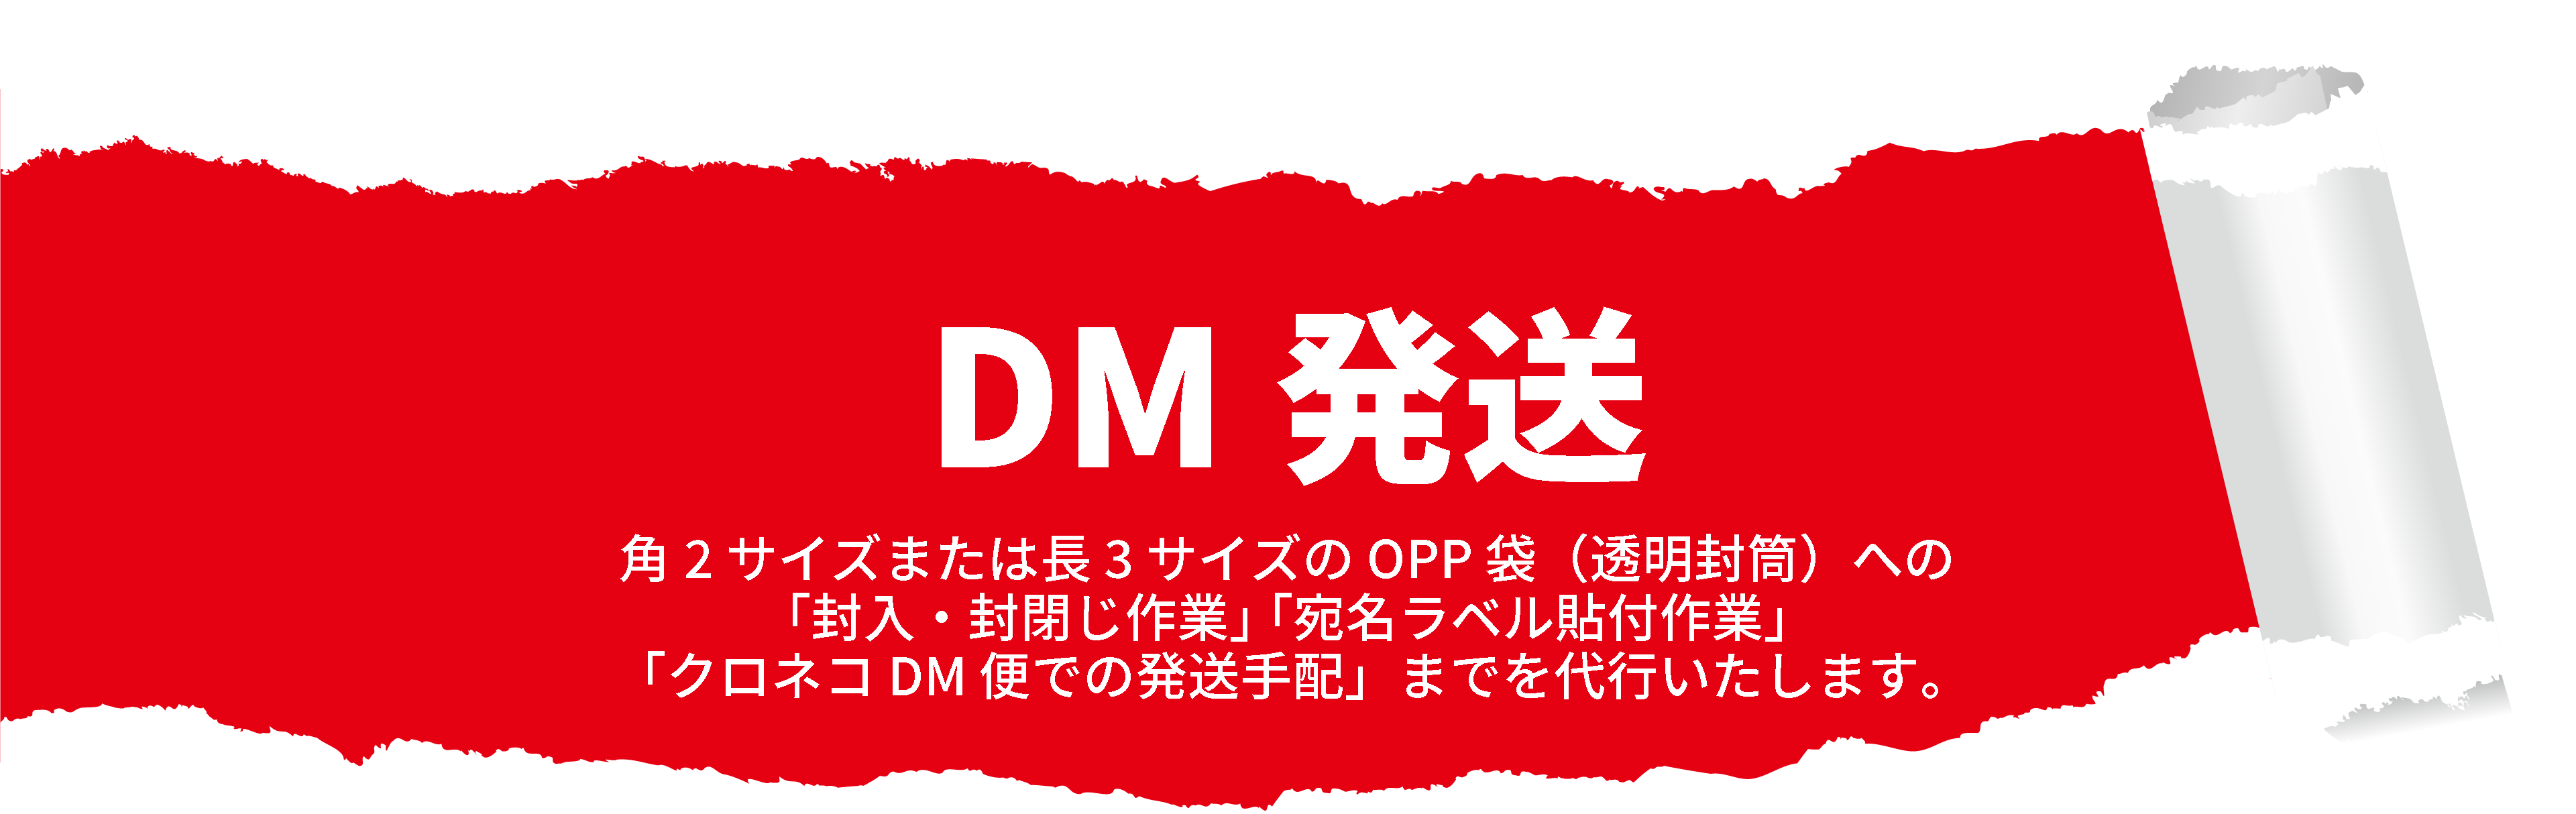 DM_top_title